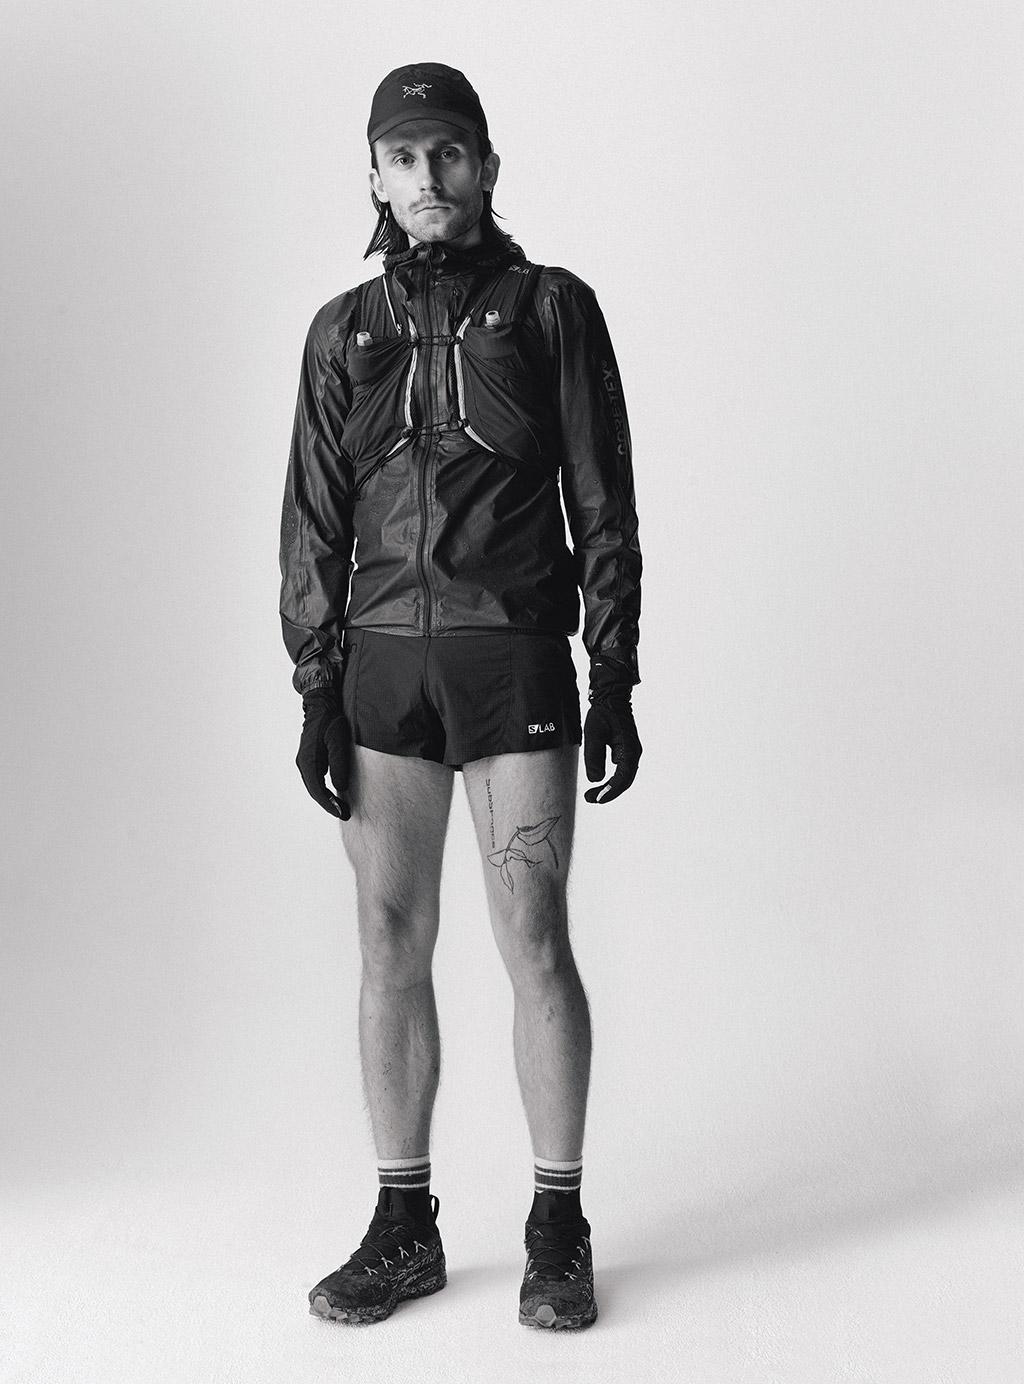 GORE-TEX-selected-memories-stephen-mann-01-runner-2000-300dpi.jpg